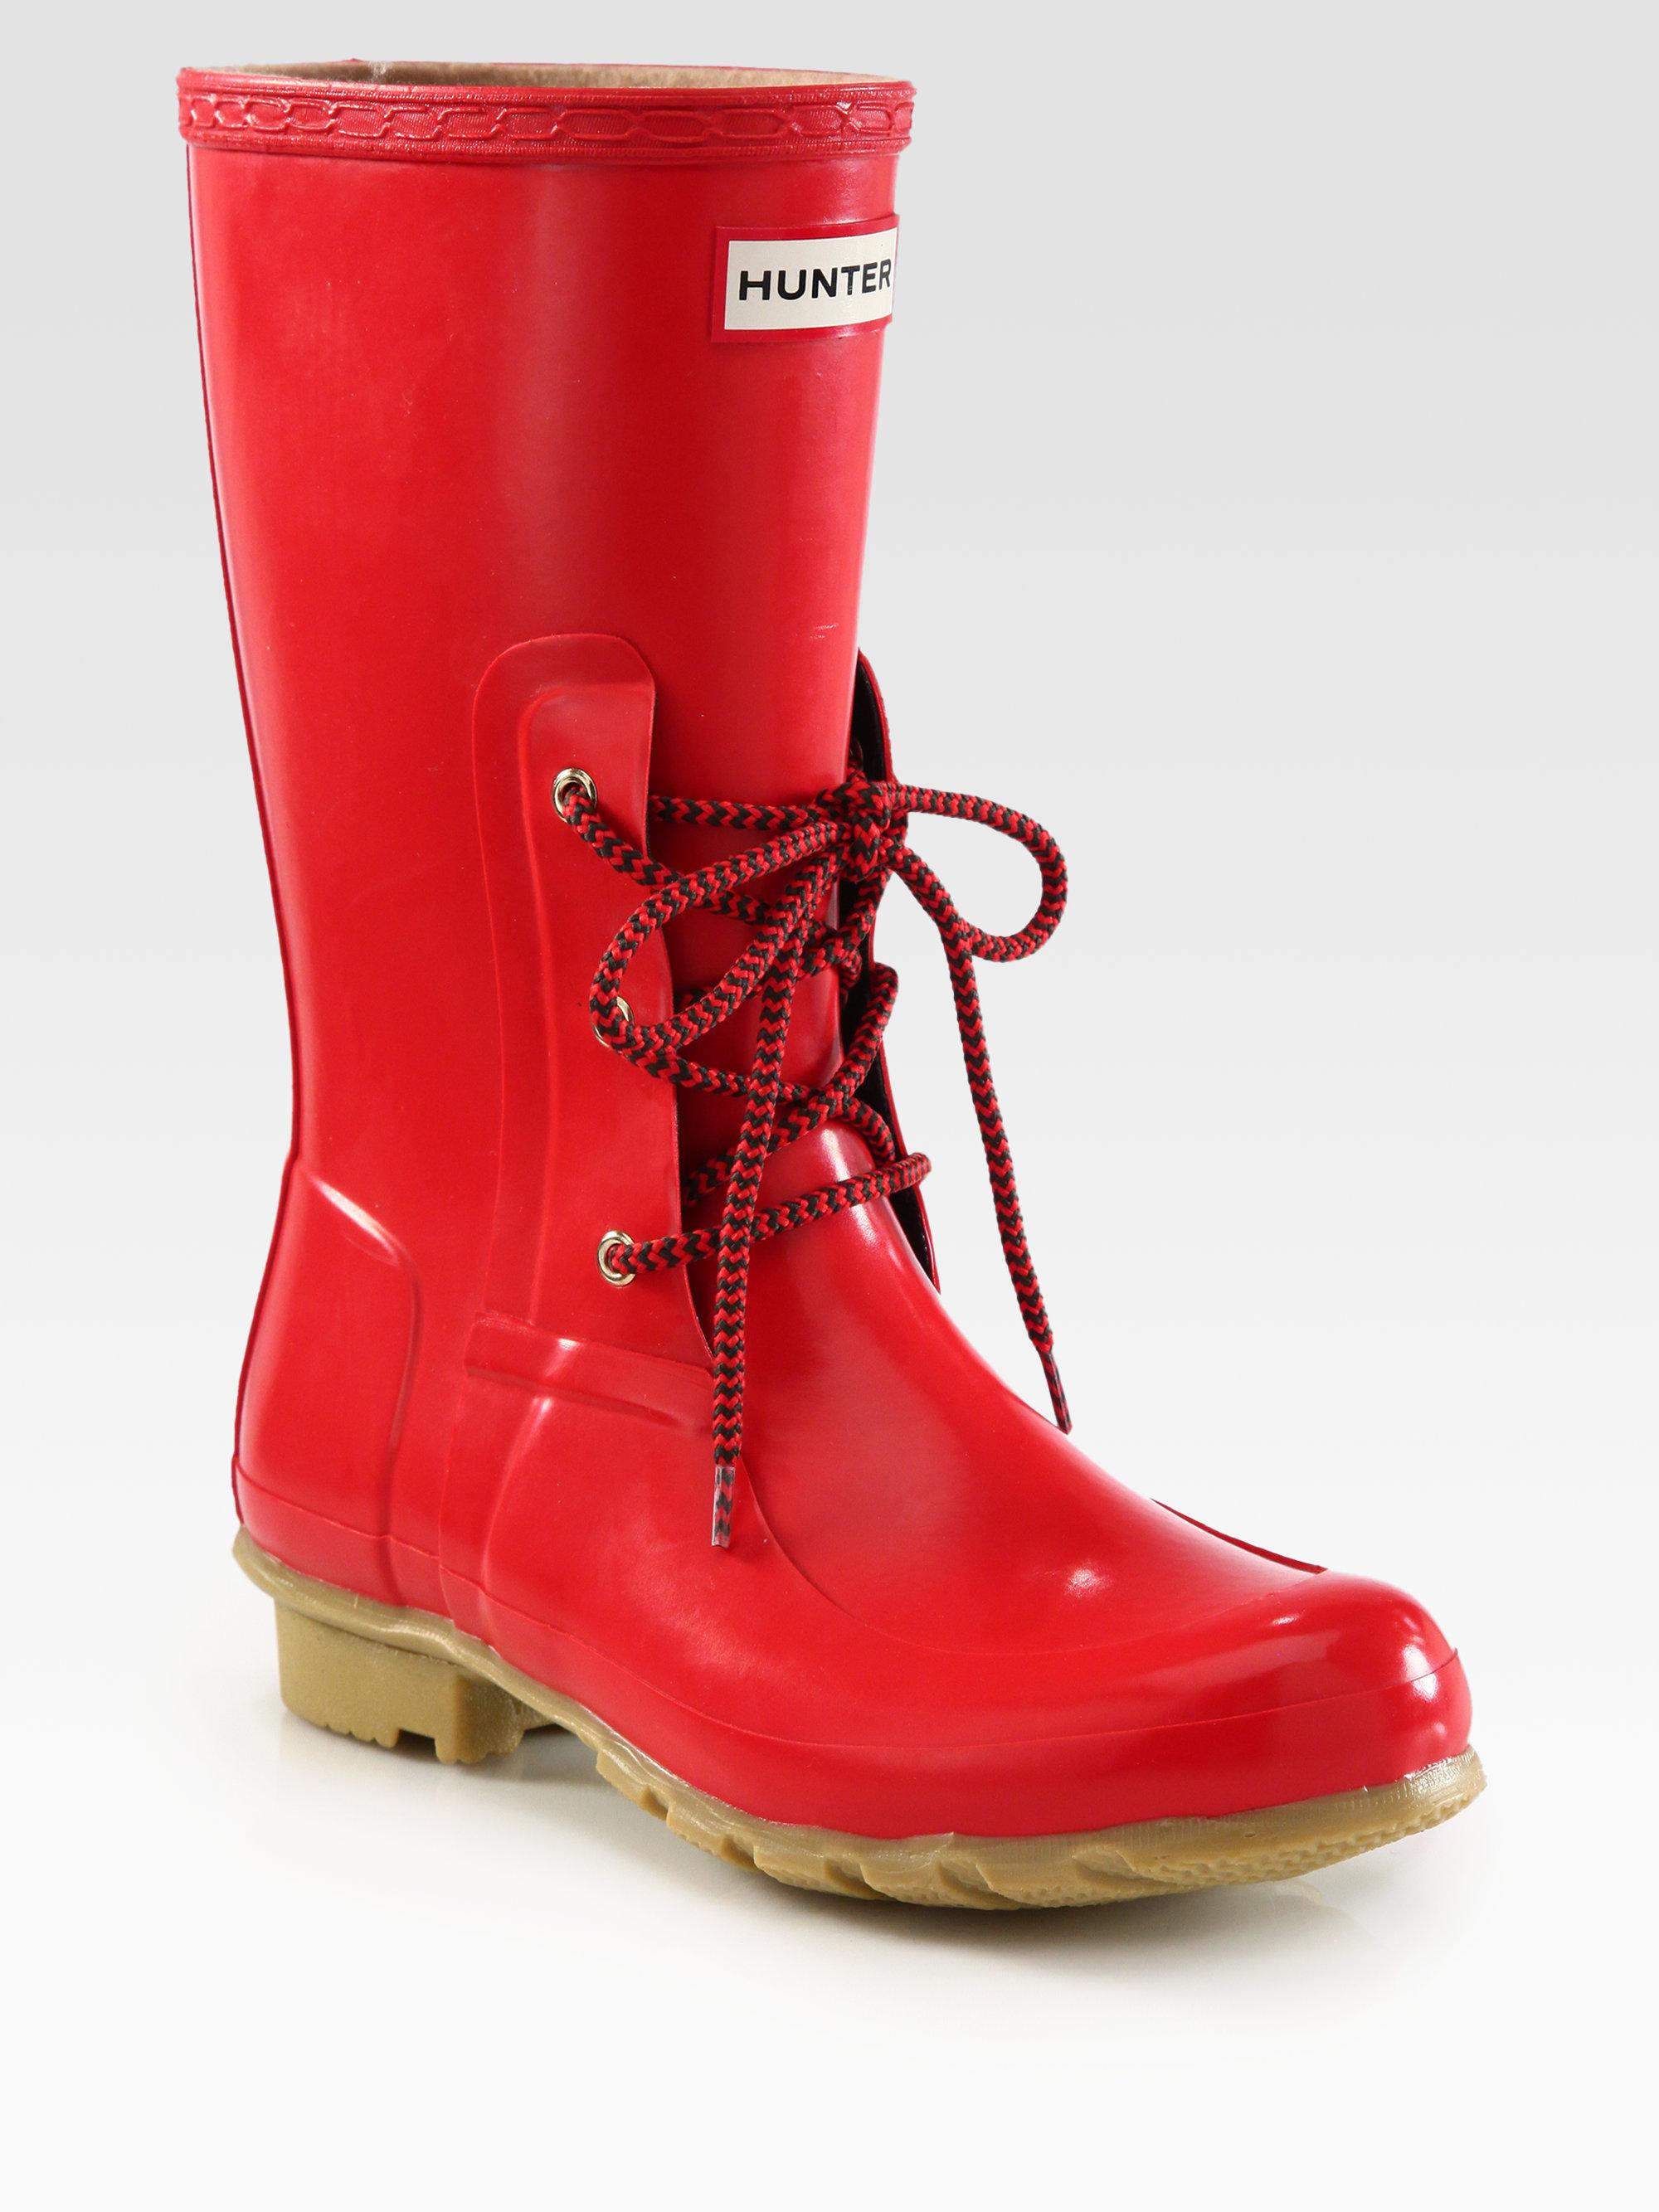 Original Kamik Womens U0026#39;Jenniferu0026#39; Red Rain Boots By Kamik   Red Rain Boots And Rain Boot